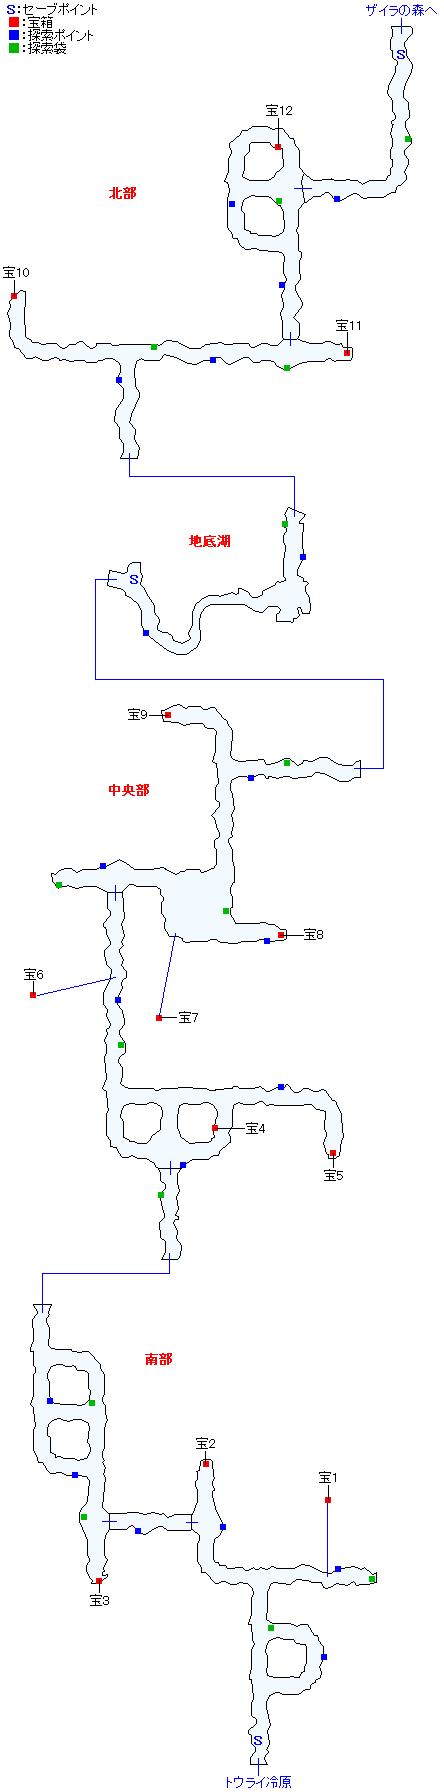 ククル凍窟マップ